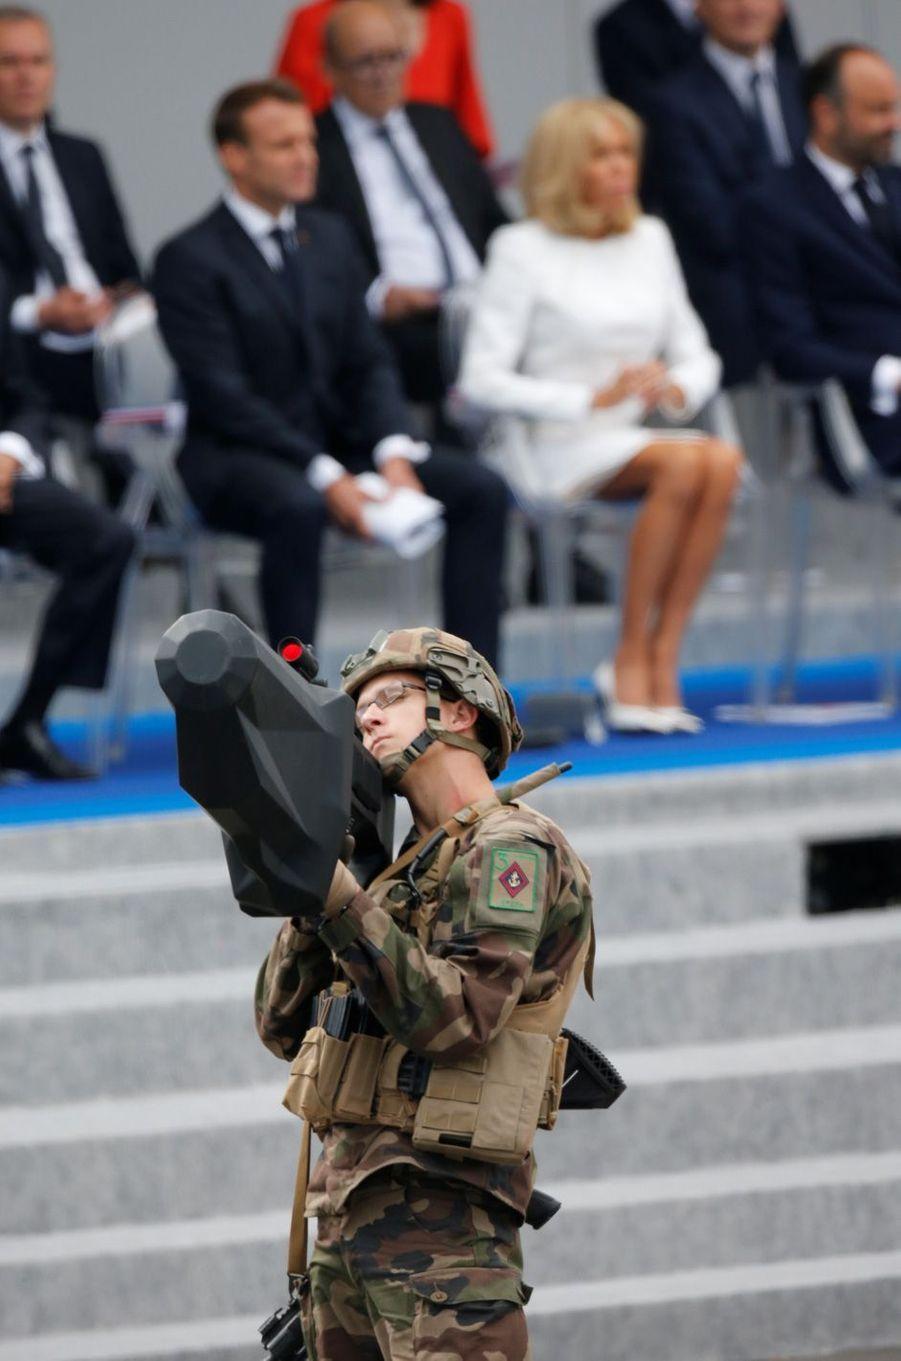 Le premier tableau du défilé est consacré à l'innovation de défense. Ici un soldat avec un fusil anti-drone.